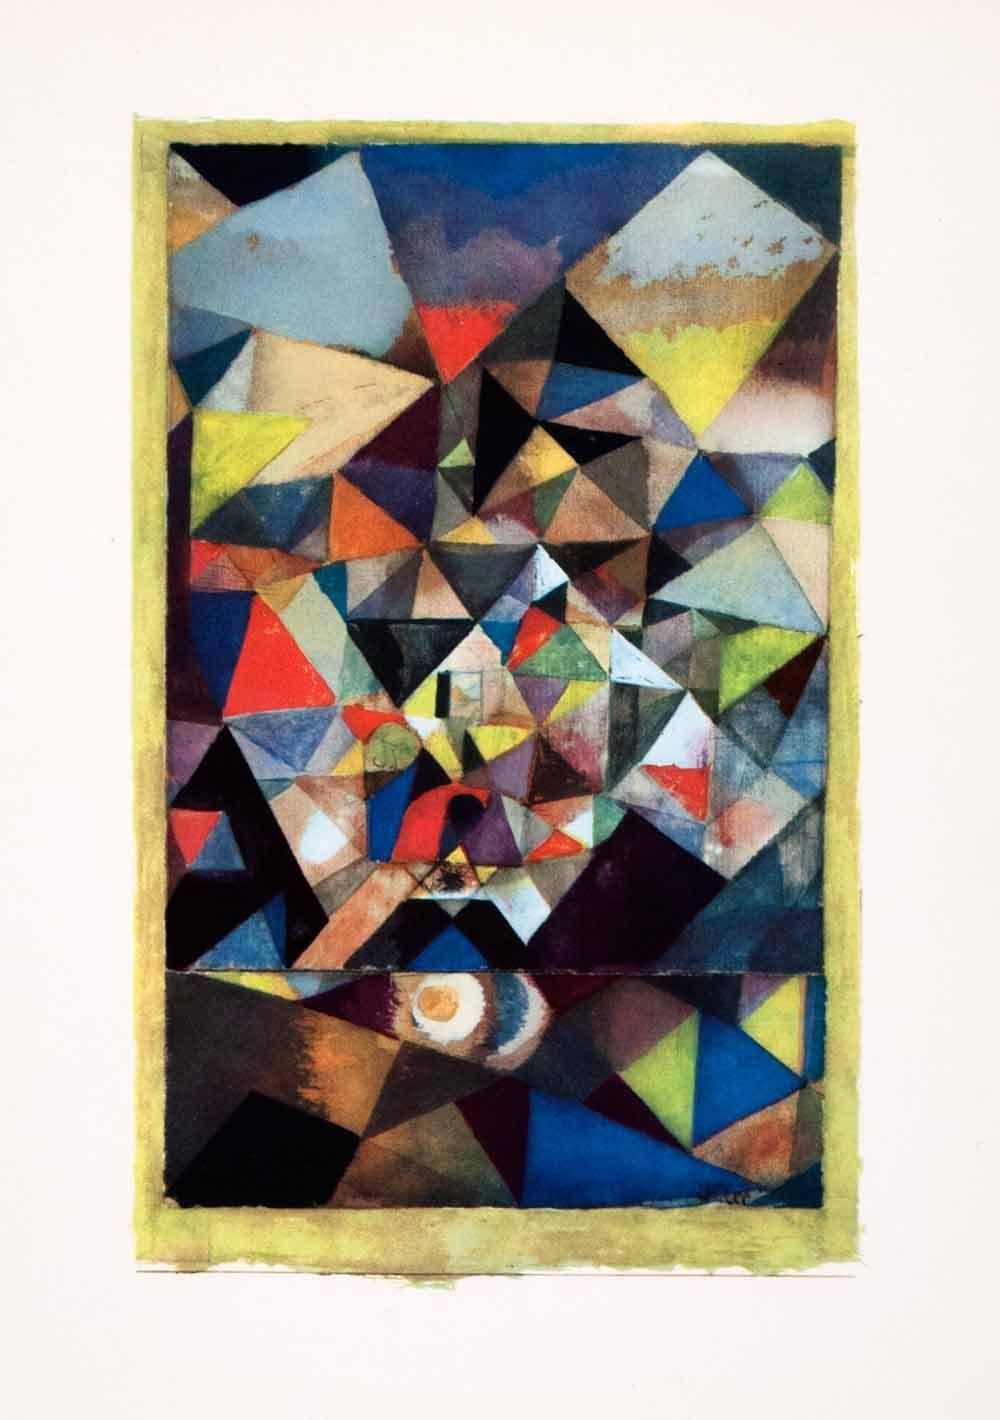 1969 Color Print Of German Swiss Painter Paul Klees 1879 1940 Mit